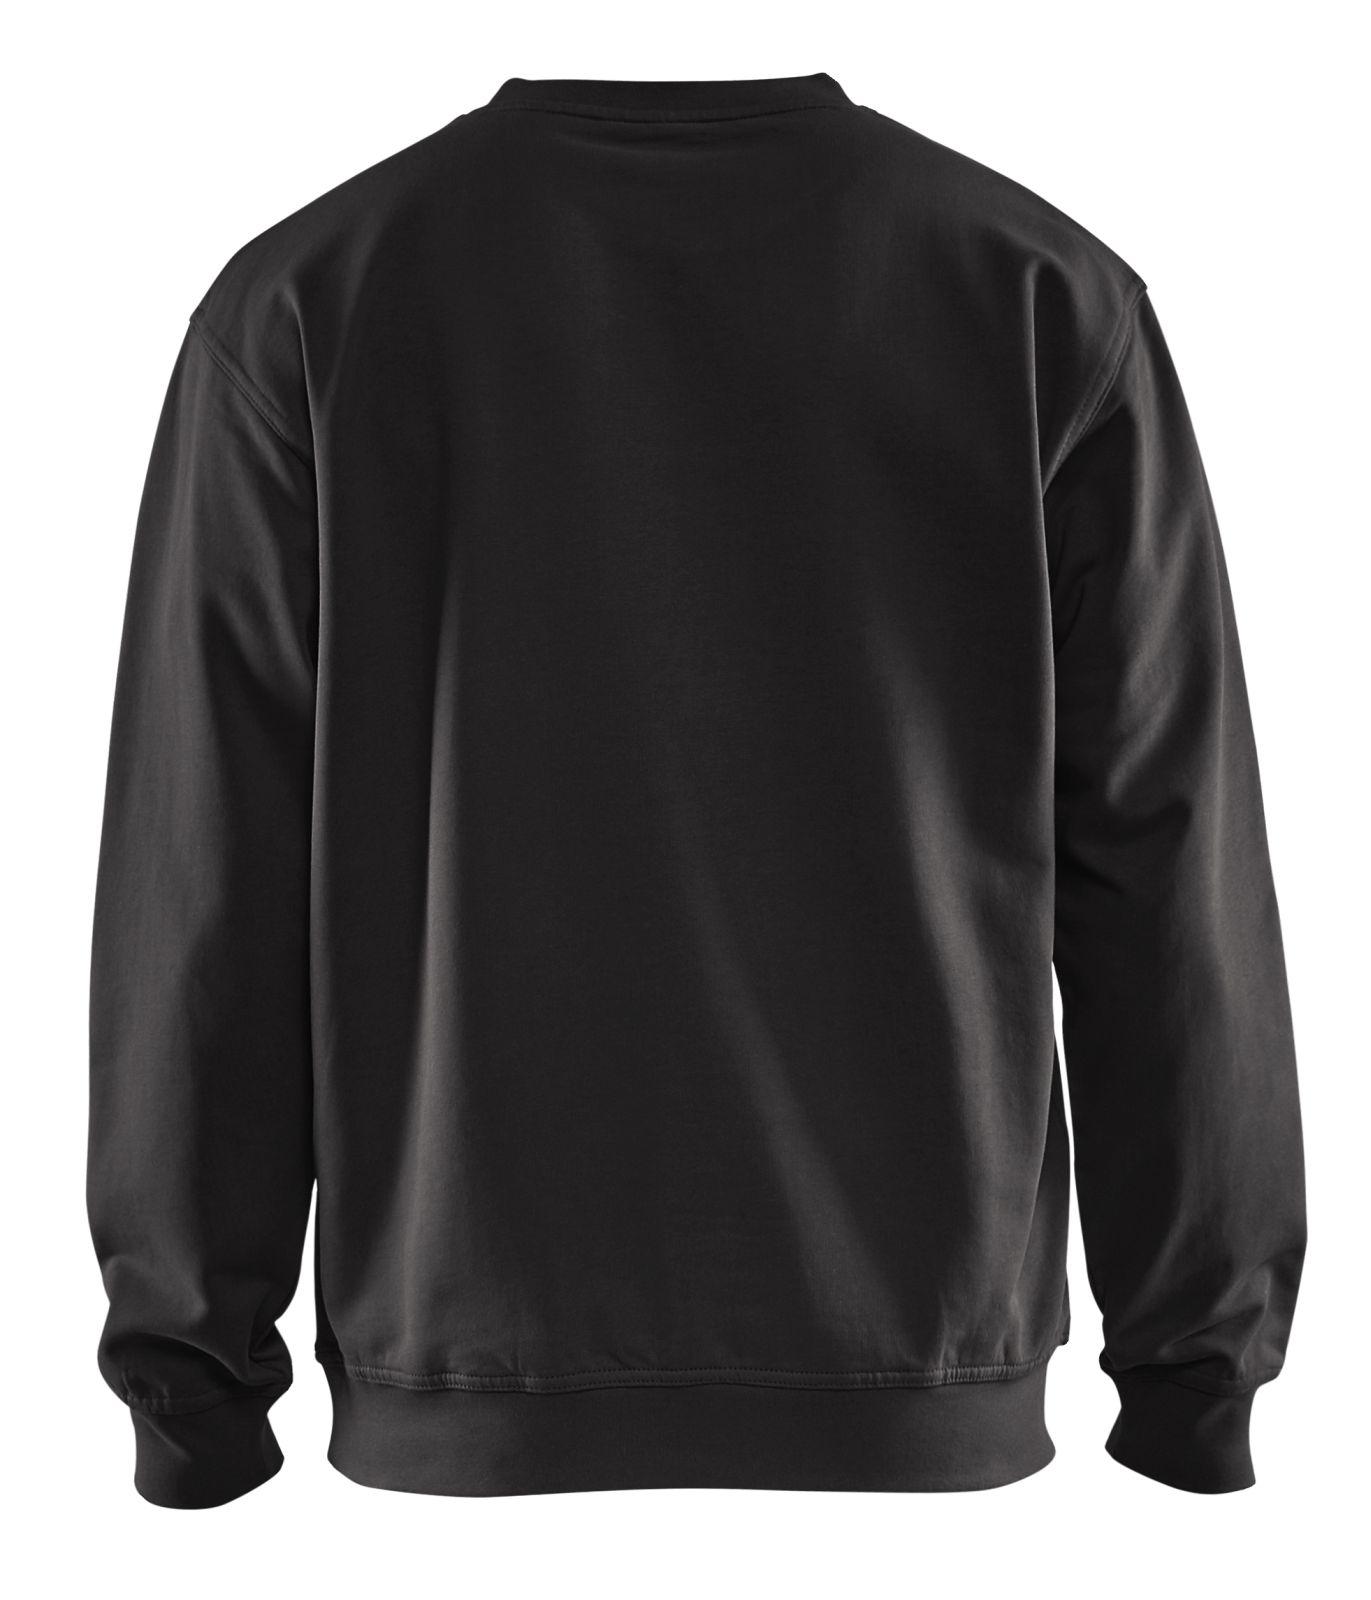 Blaklader Sweatshirts 33401158 zwart(9900)